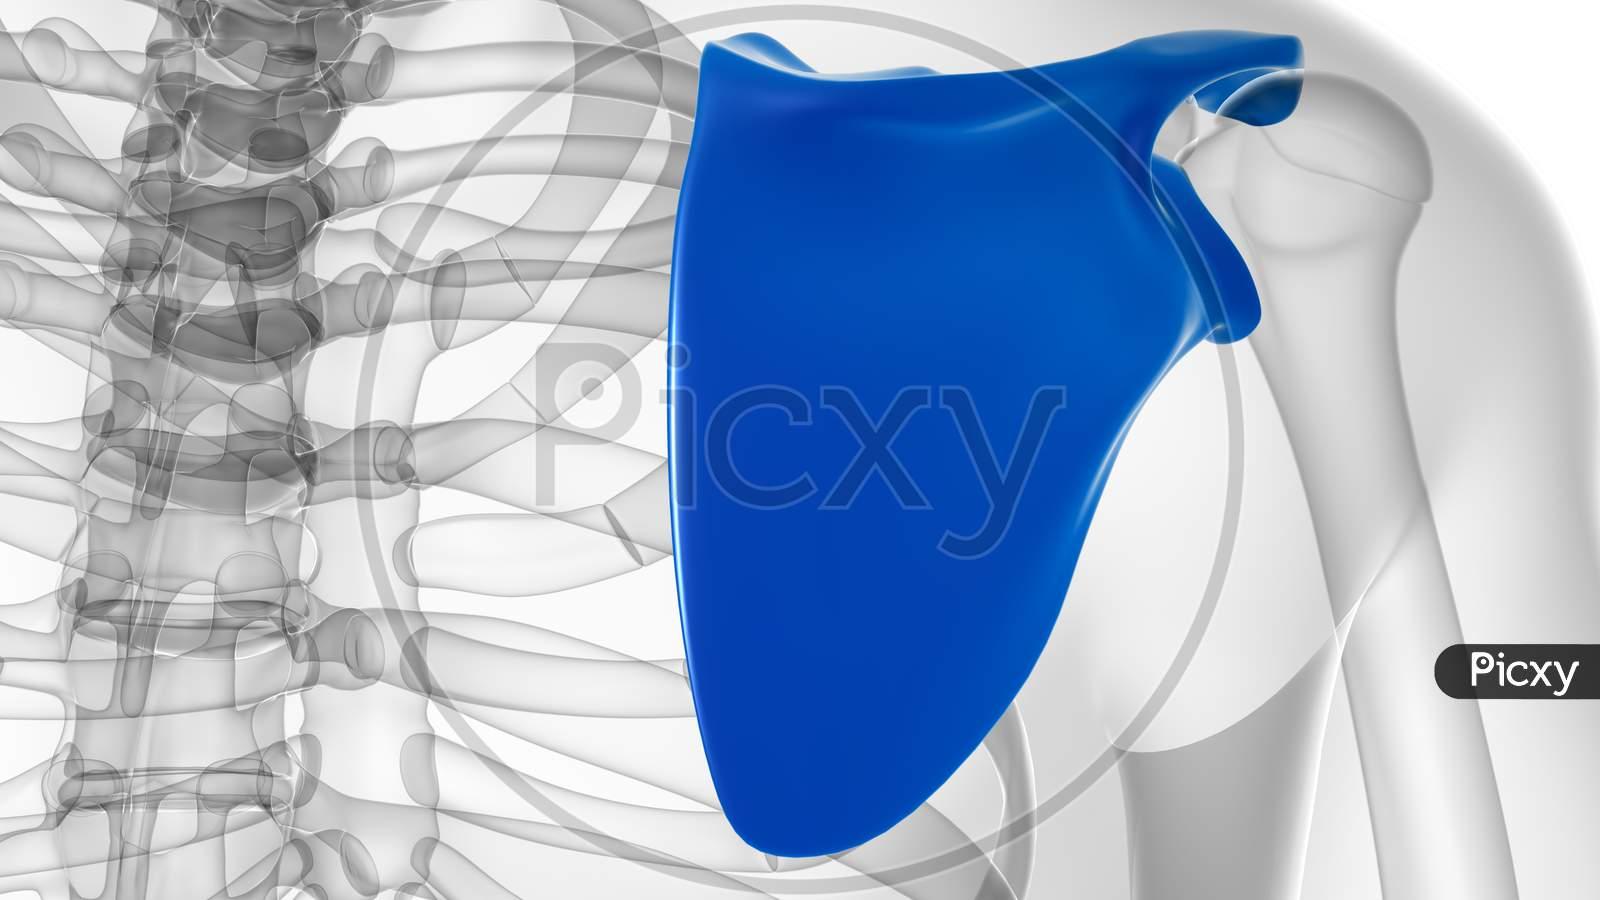 Human Skeleton Anatomy Scapula Bone 3D Rendering